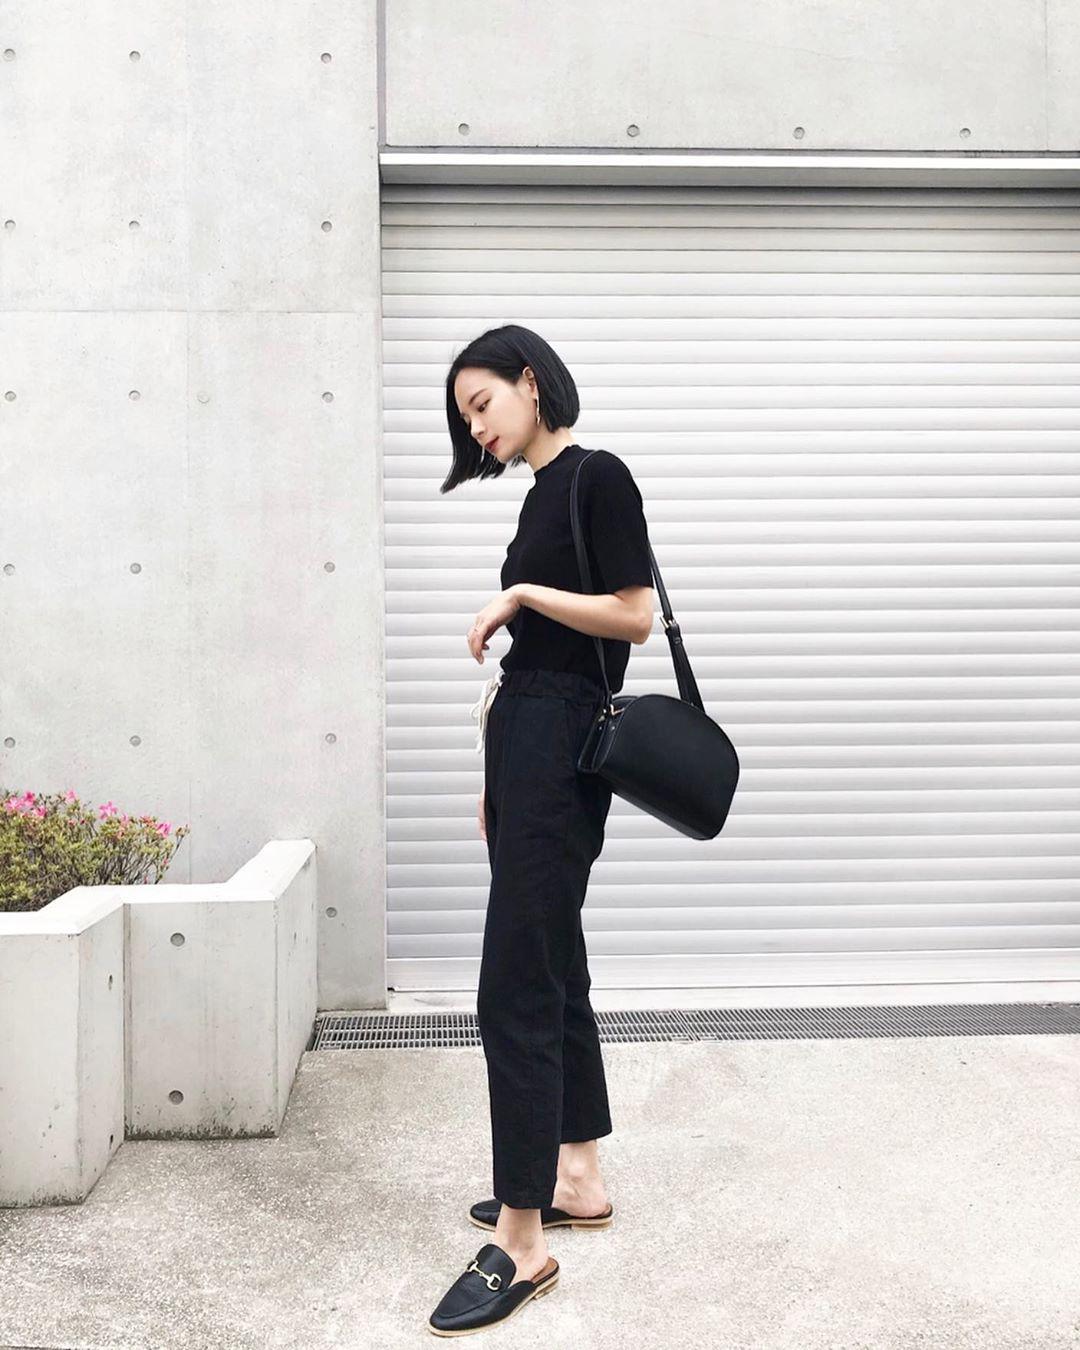 Nô nức diện váy thô mùa hè cho mát, muốn mặc đẹp hãy tham khảo 15 bộ đồ từ street style Châu Á này - Ảnh 9.